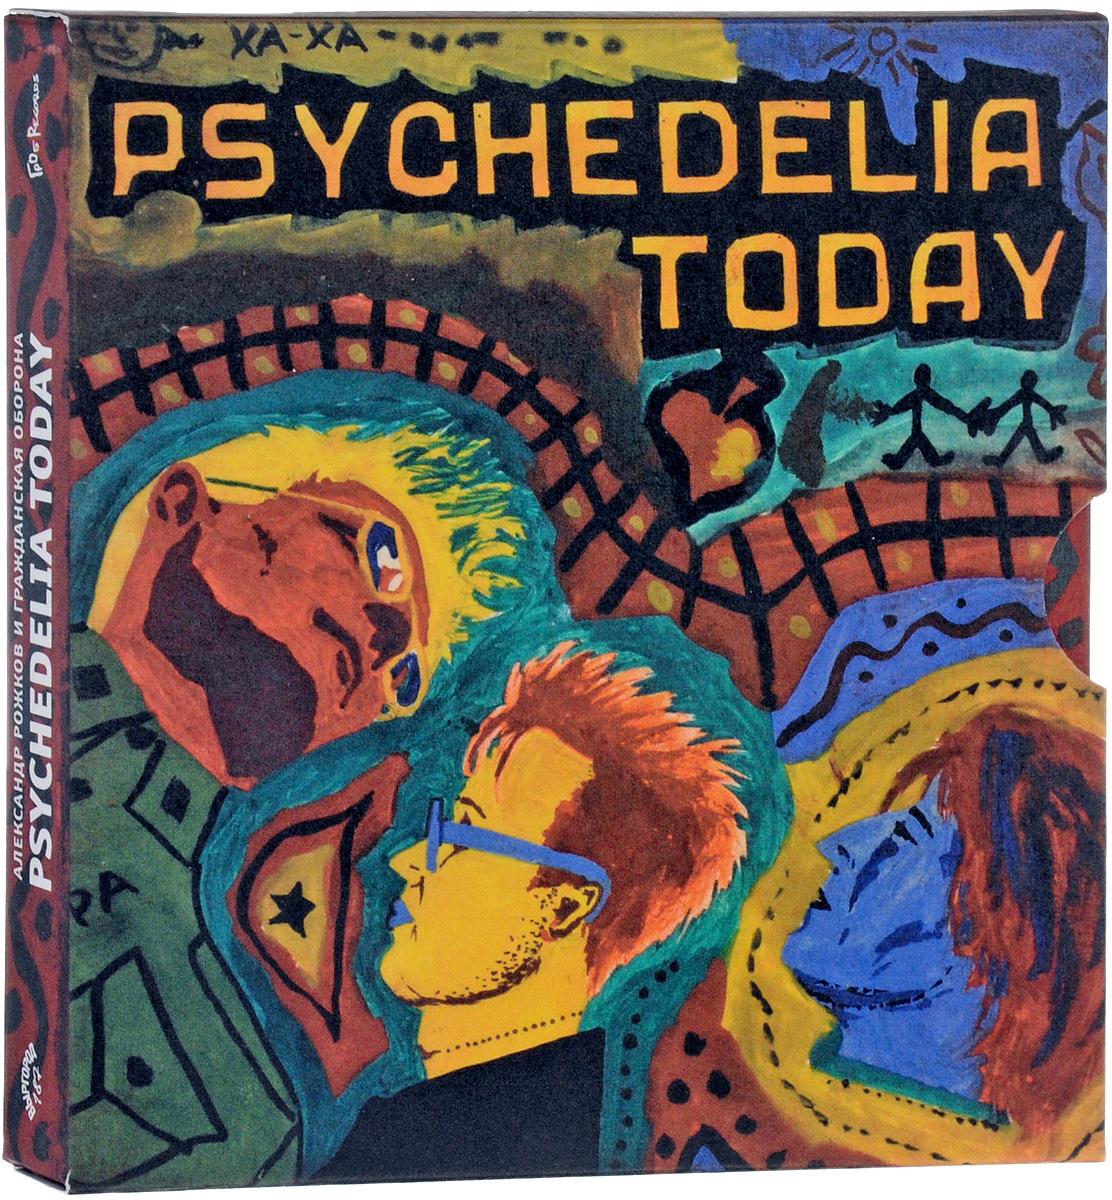 Рожков Александр и Гражданская Оборона. Psychedelia Today (2 CD цветная обложка) гражданская оборона гражданская оборона последний концерт в таллине